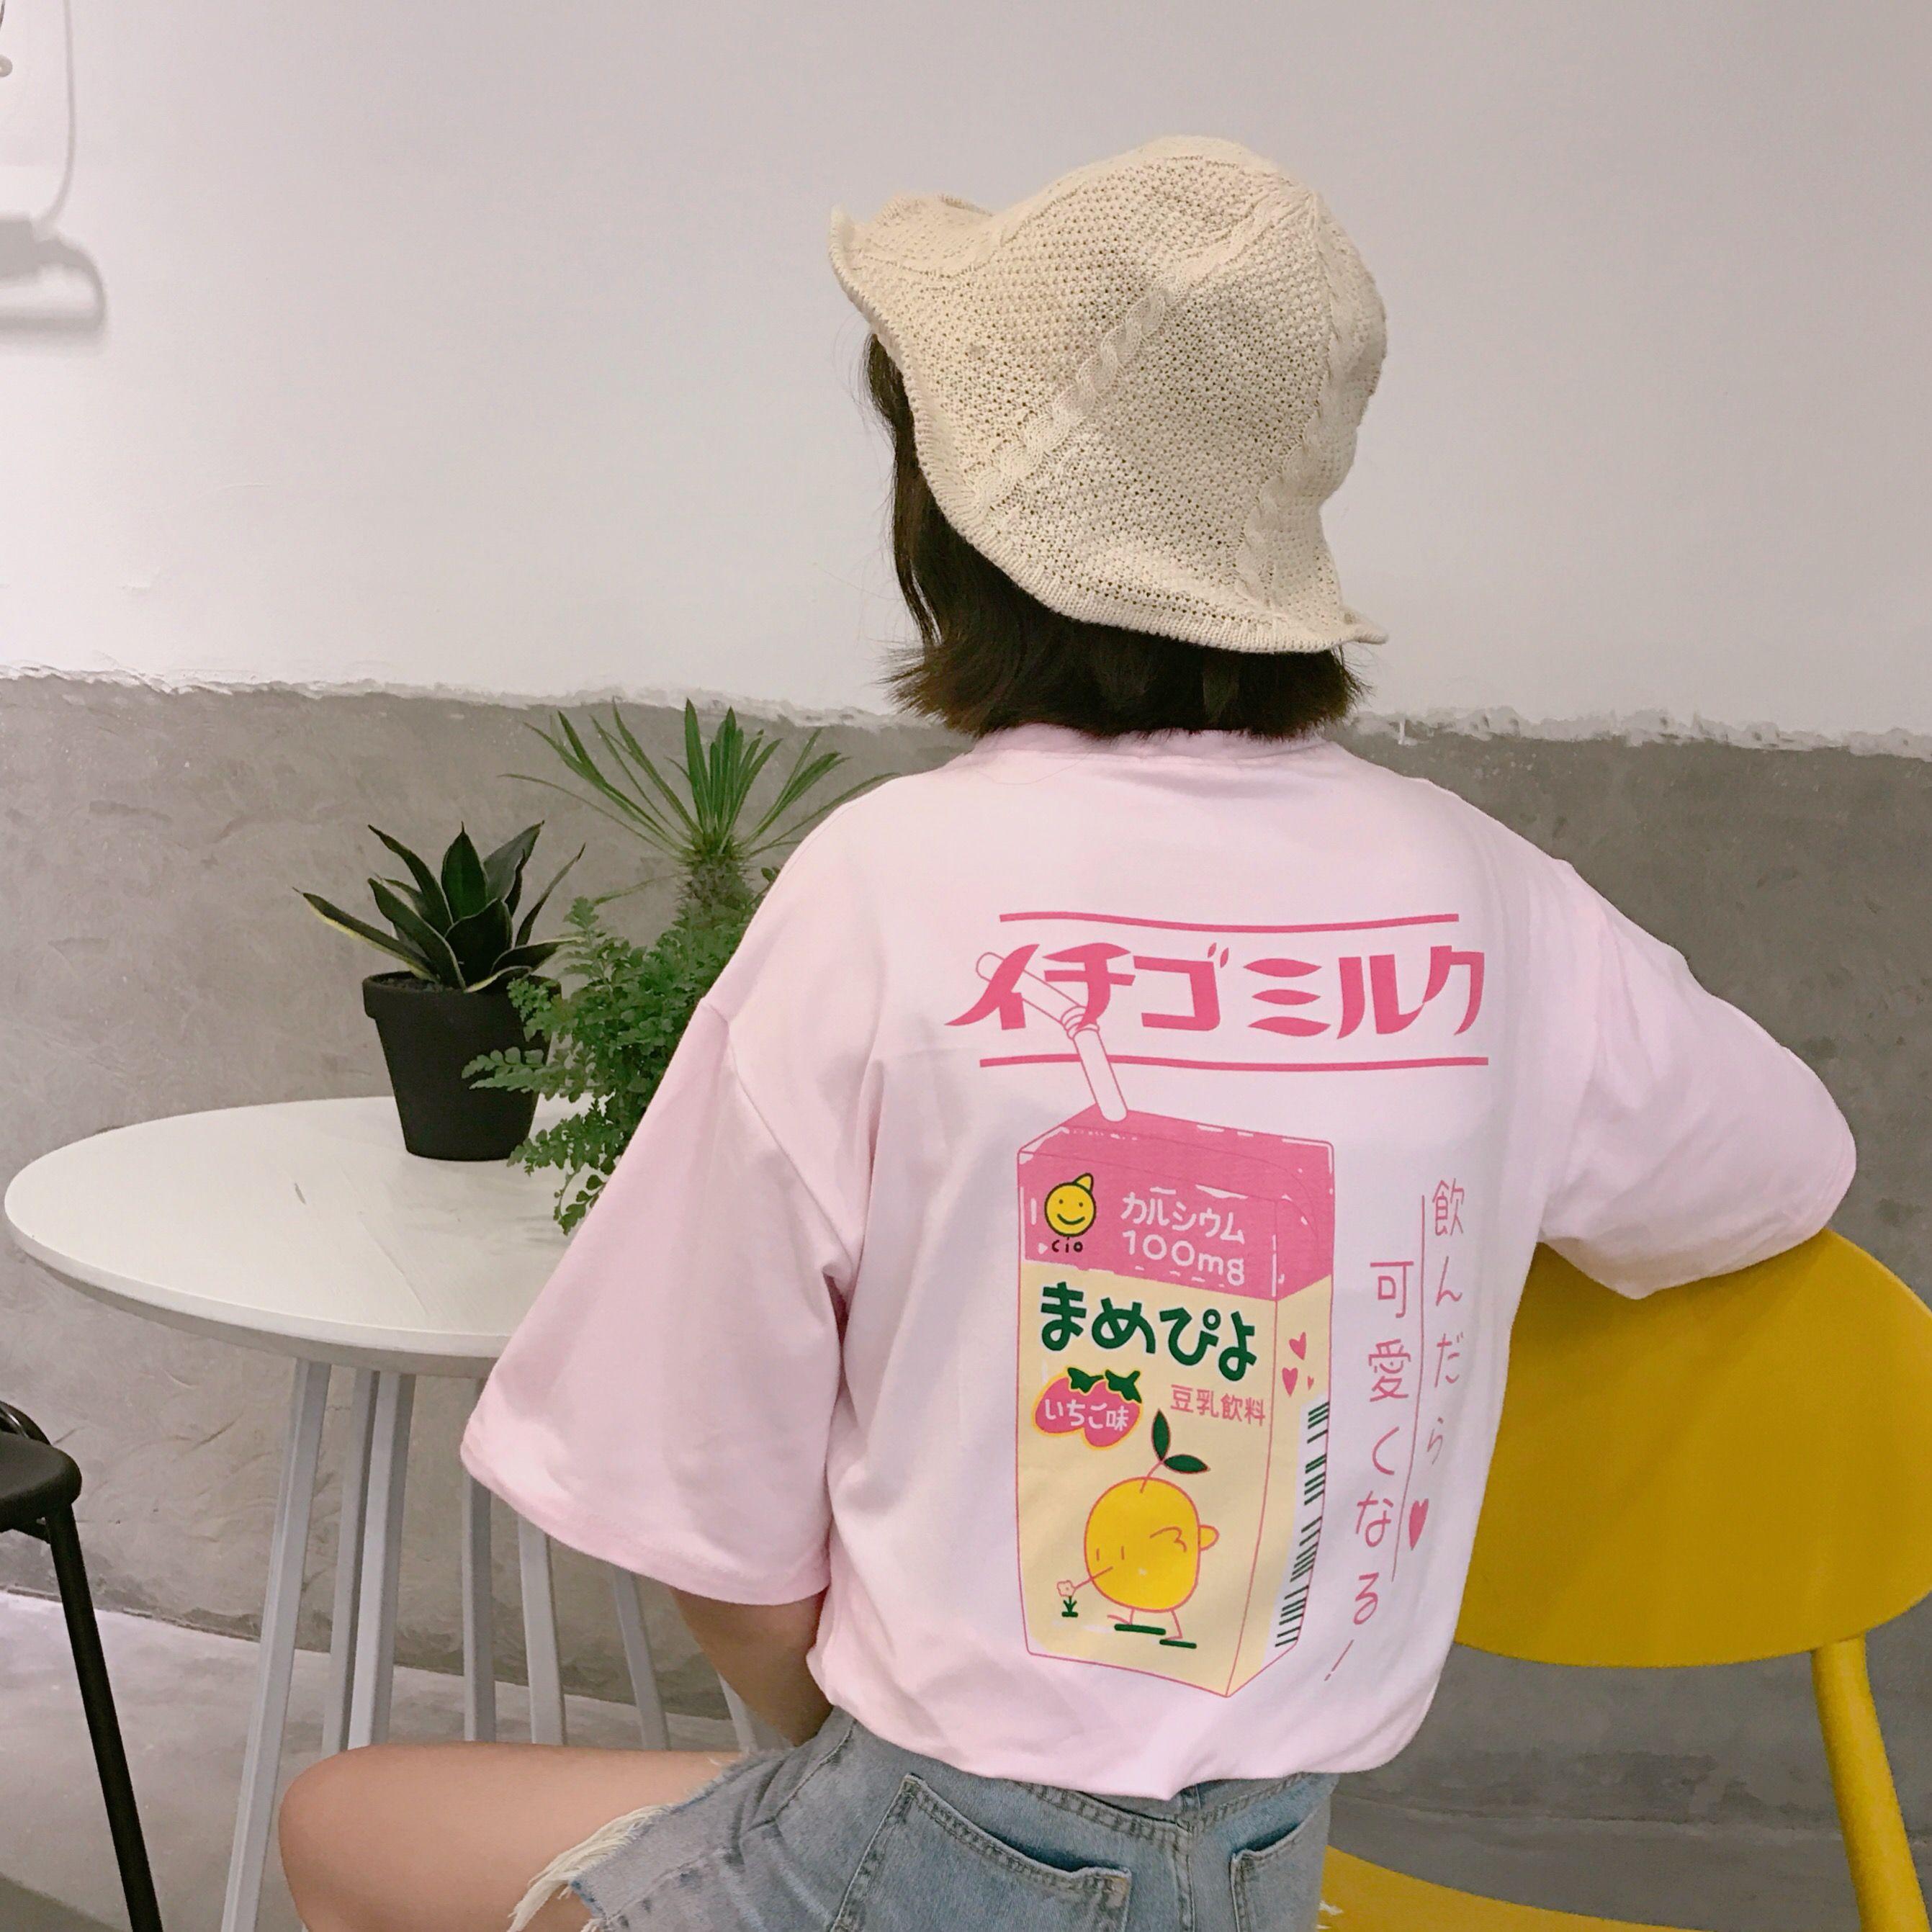 2017 d'été Japonais lettre mignon frais simple doux coton style preppy à manches courtes femme t-shirts